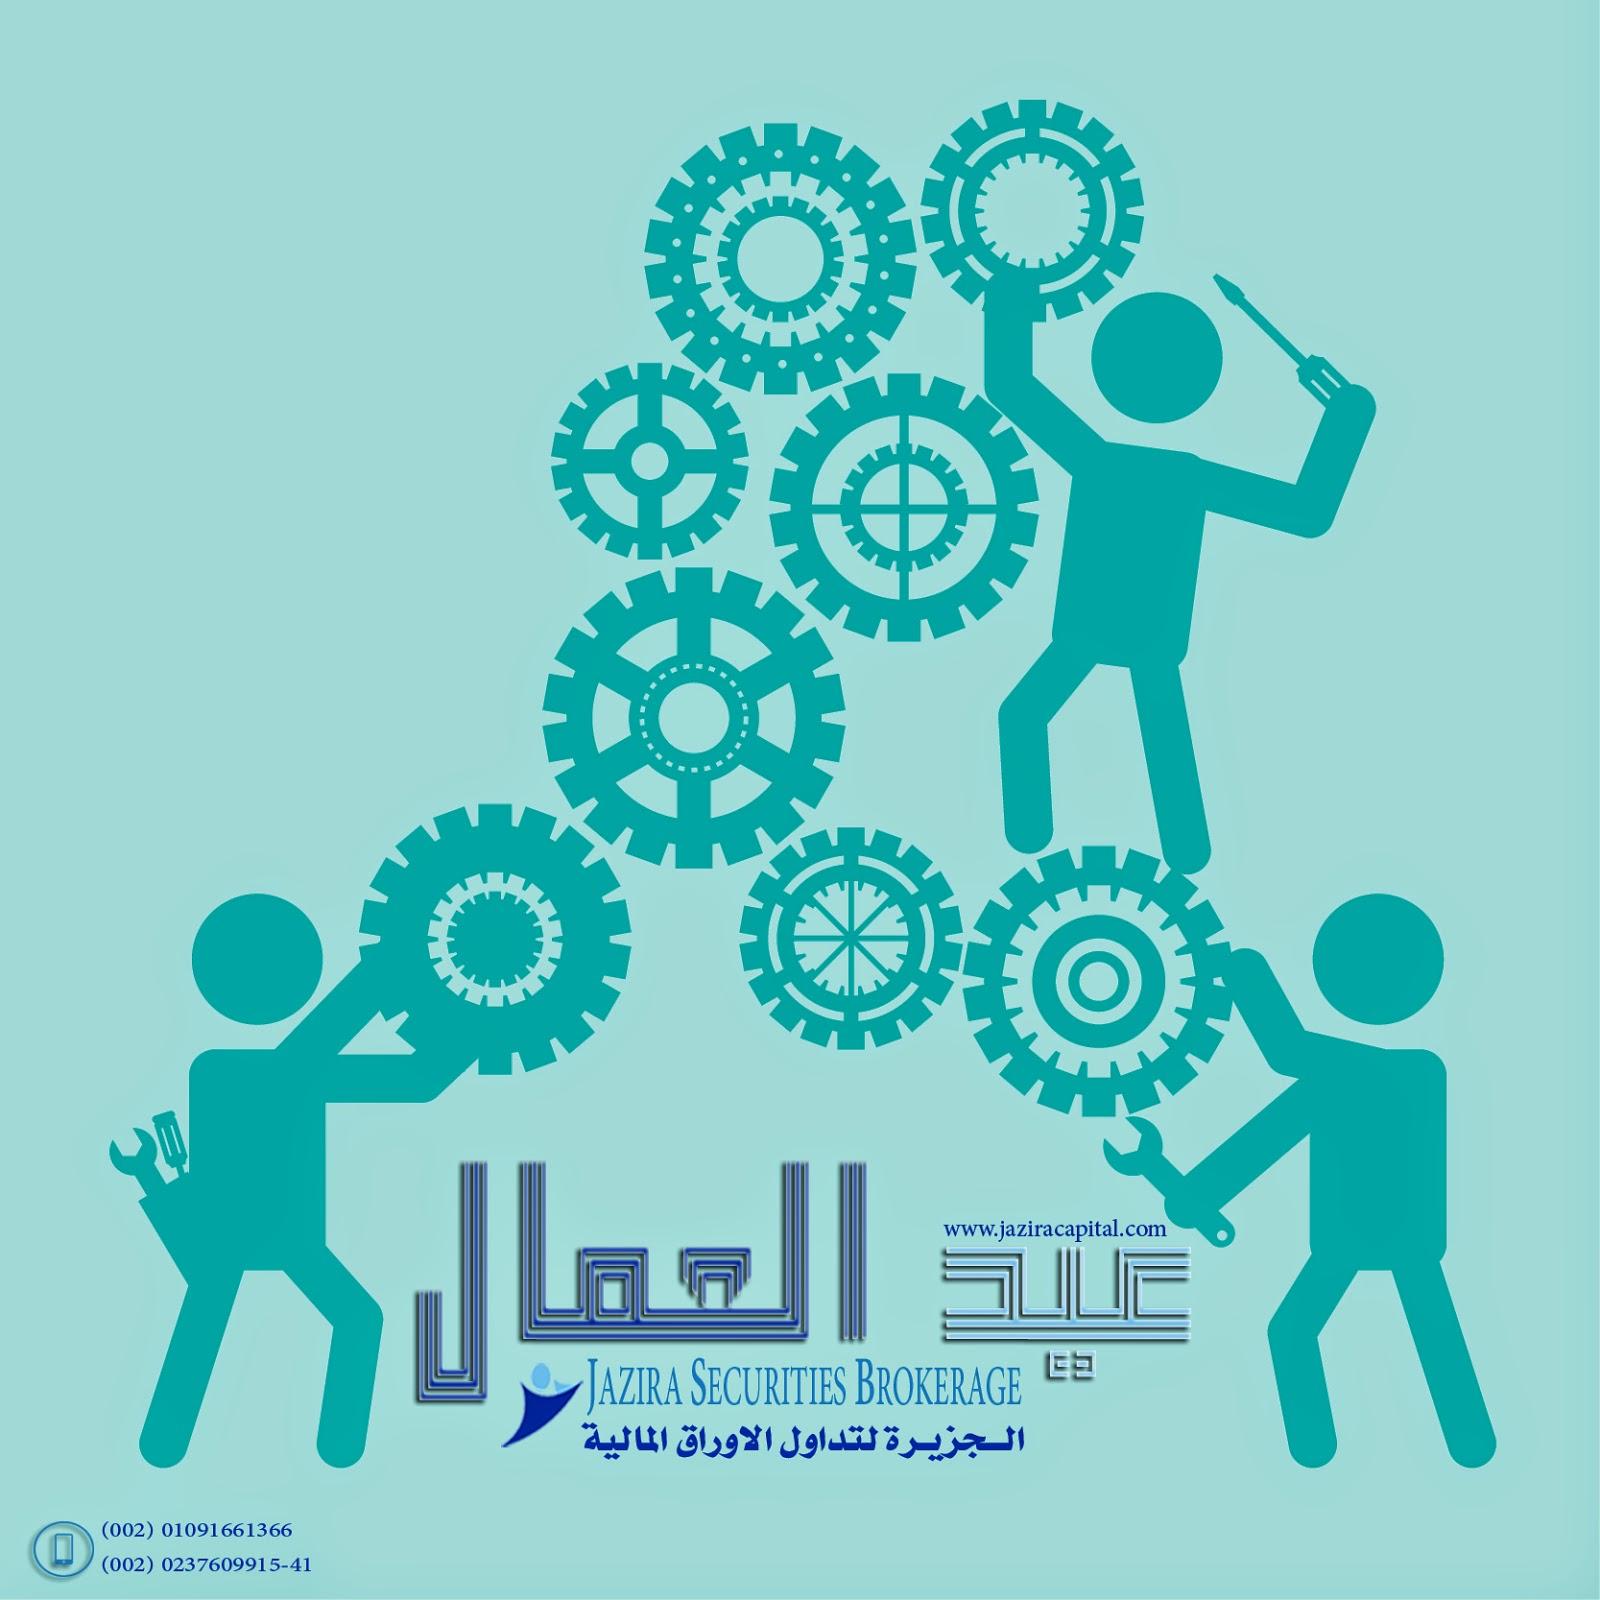 عيد العمال الجمعة 1 مايو 2015م ~ Jazira Securities Brokerage - الجزيرة لتداول الاوراق المالية